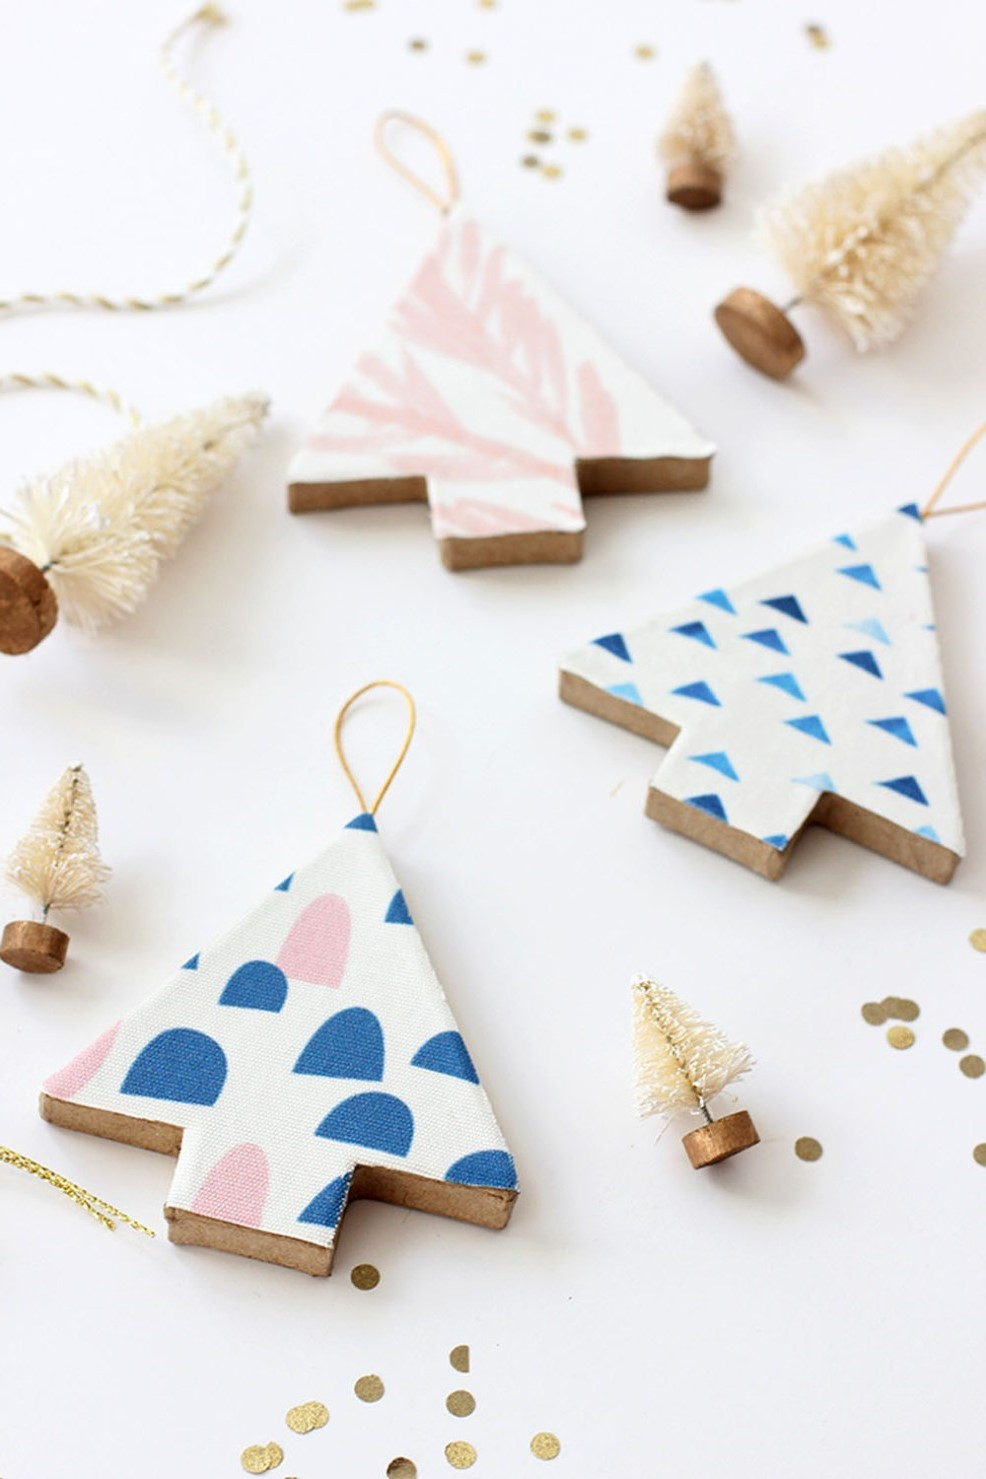 Activité manuelle de Noël: Décorations de Noël recouvertes de tissu.